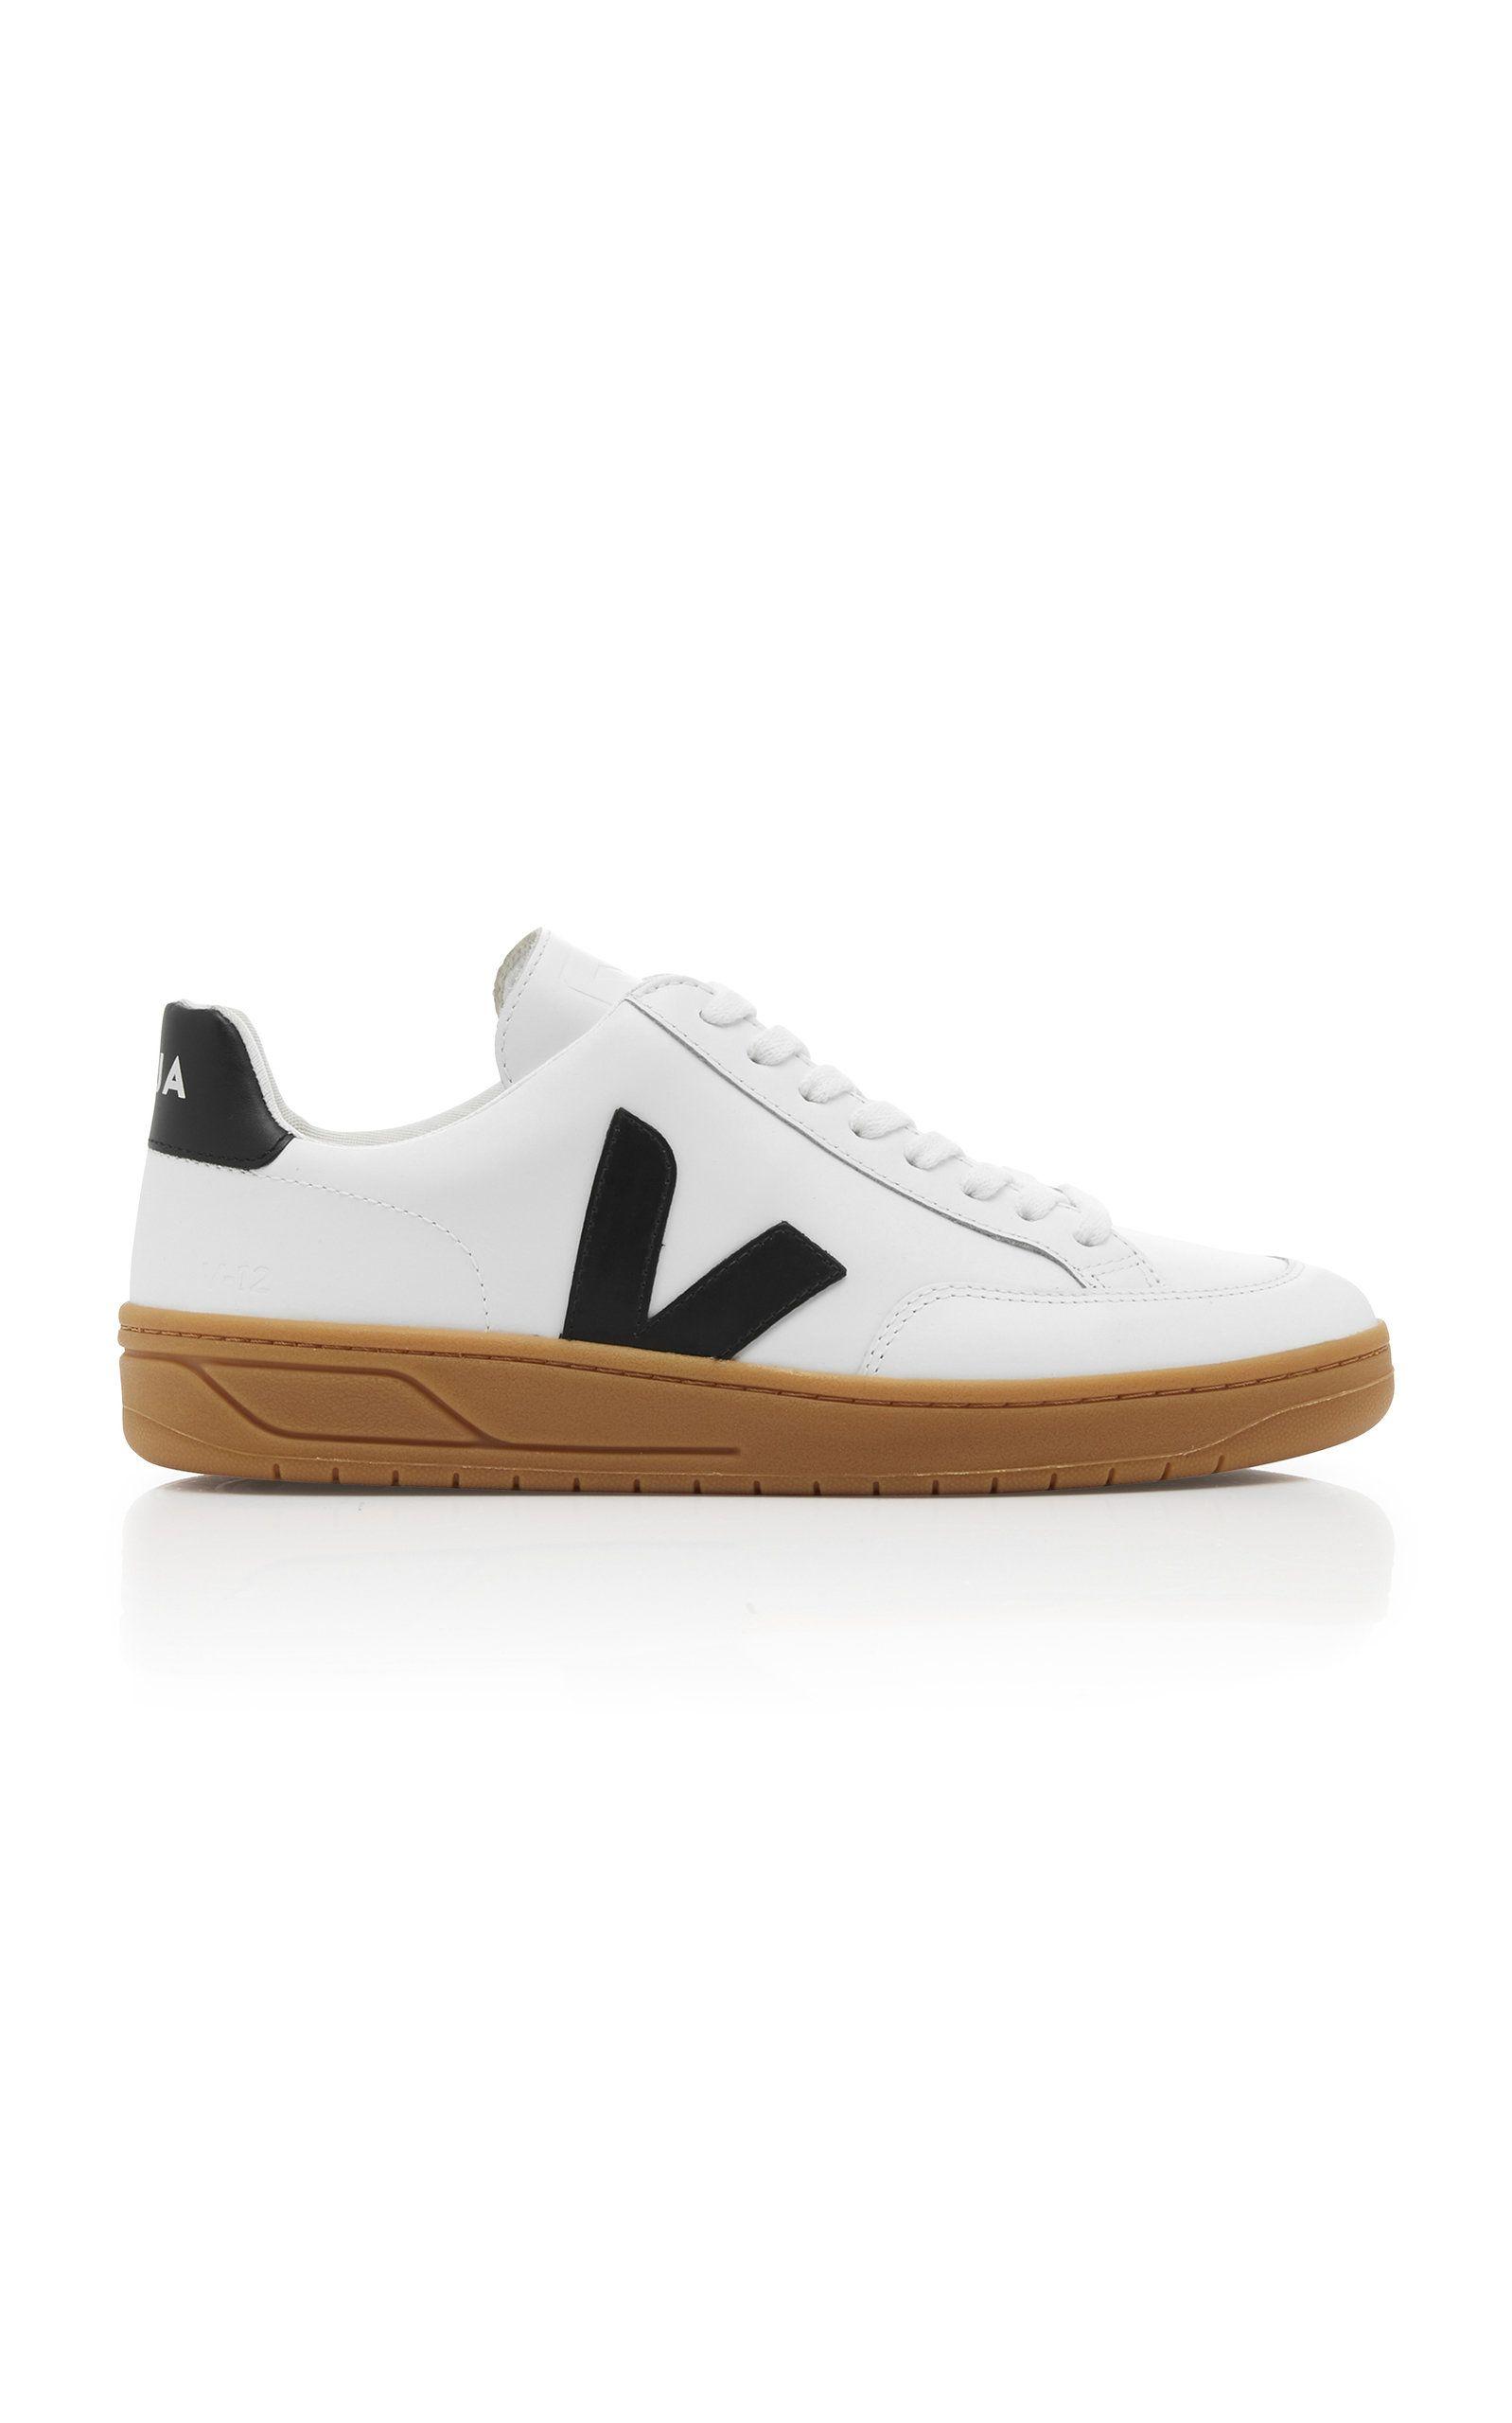 V-12 Leather Sneakers By Veja | Moda